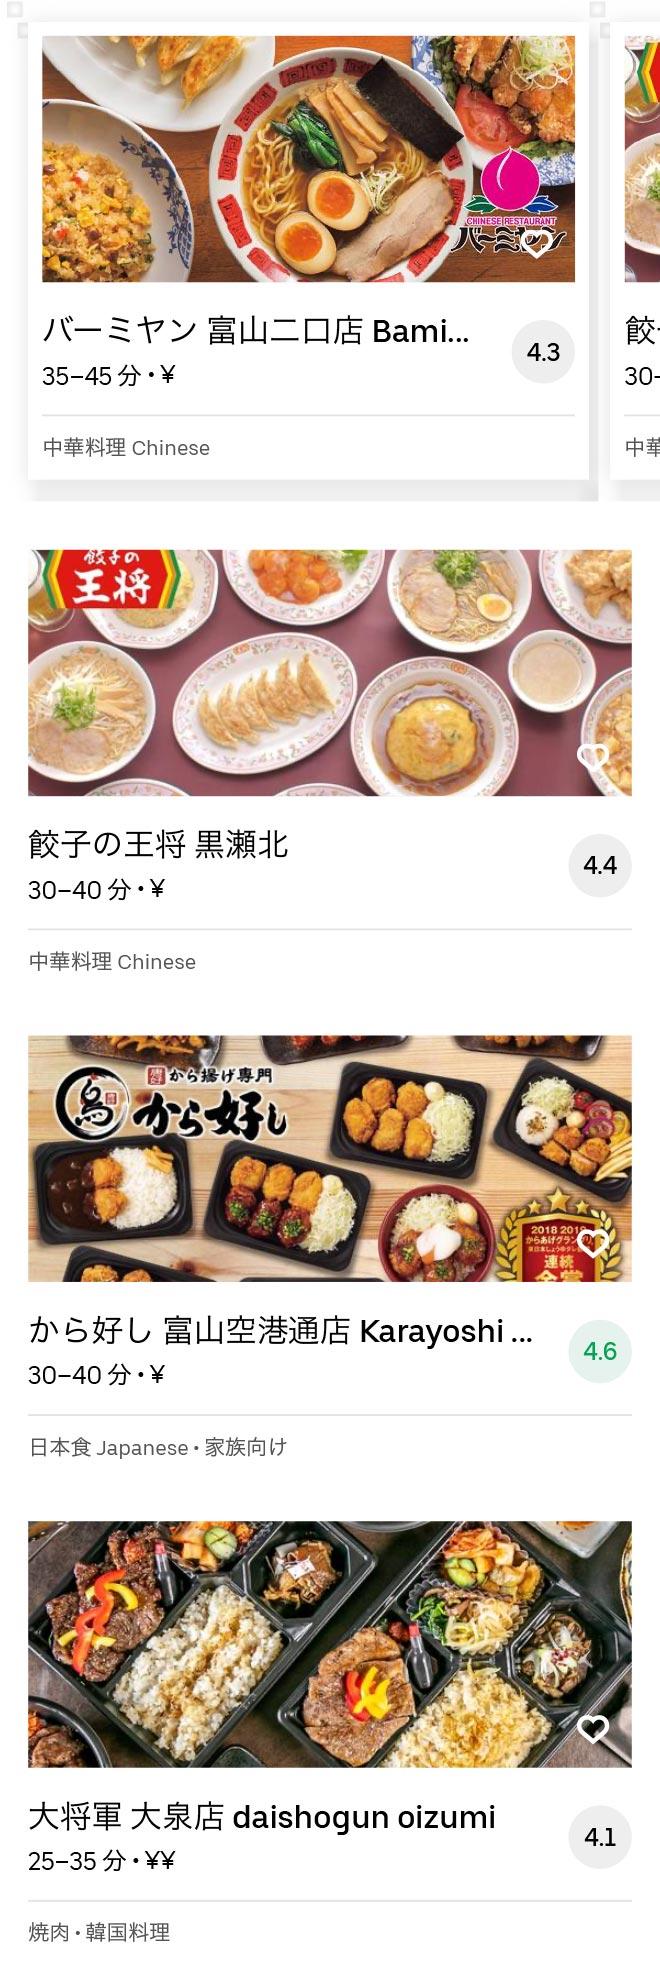 Minami toyama menu 2009 02